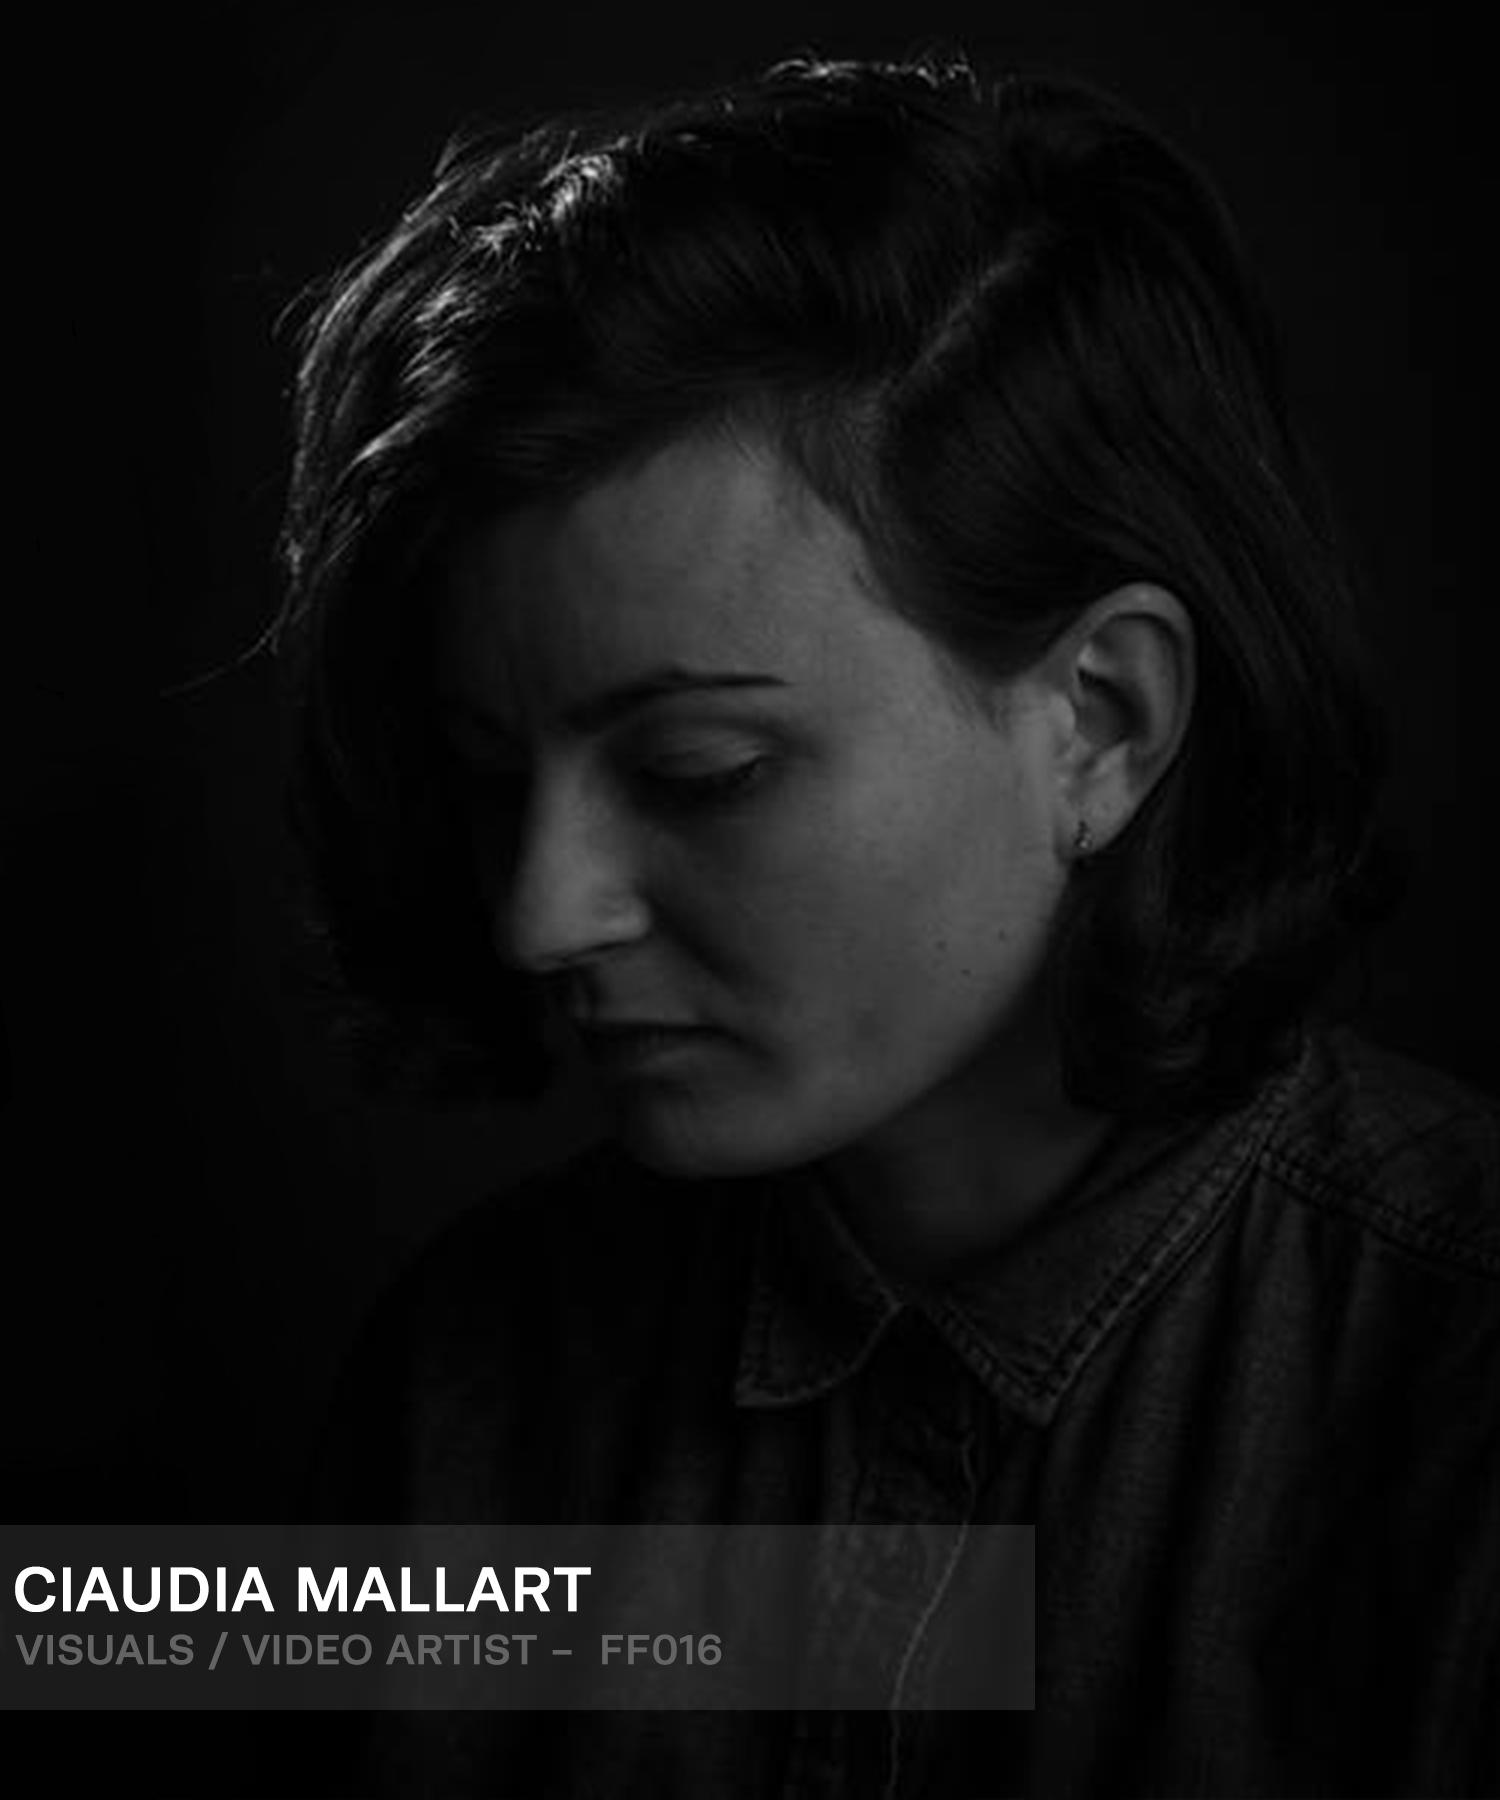 016. CLAUDIA MALLART.jpg